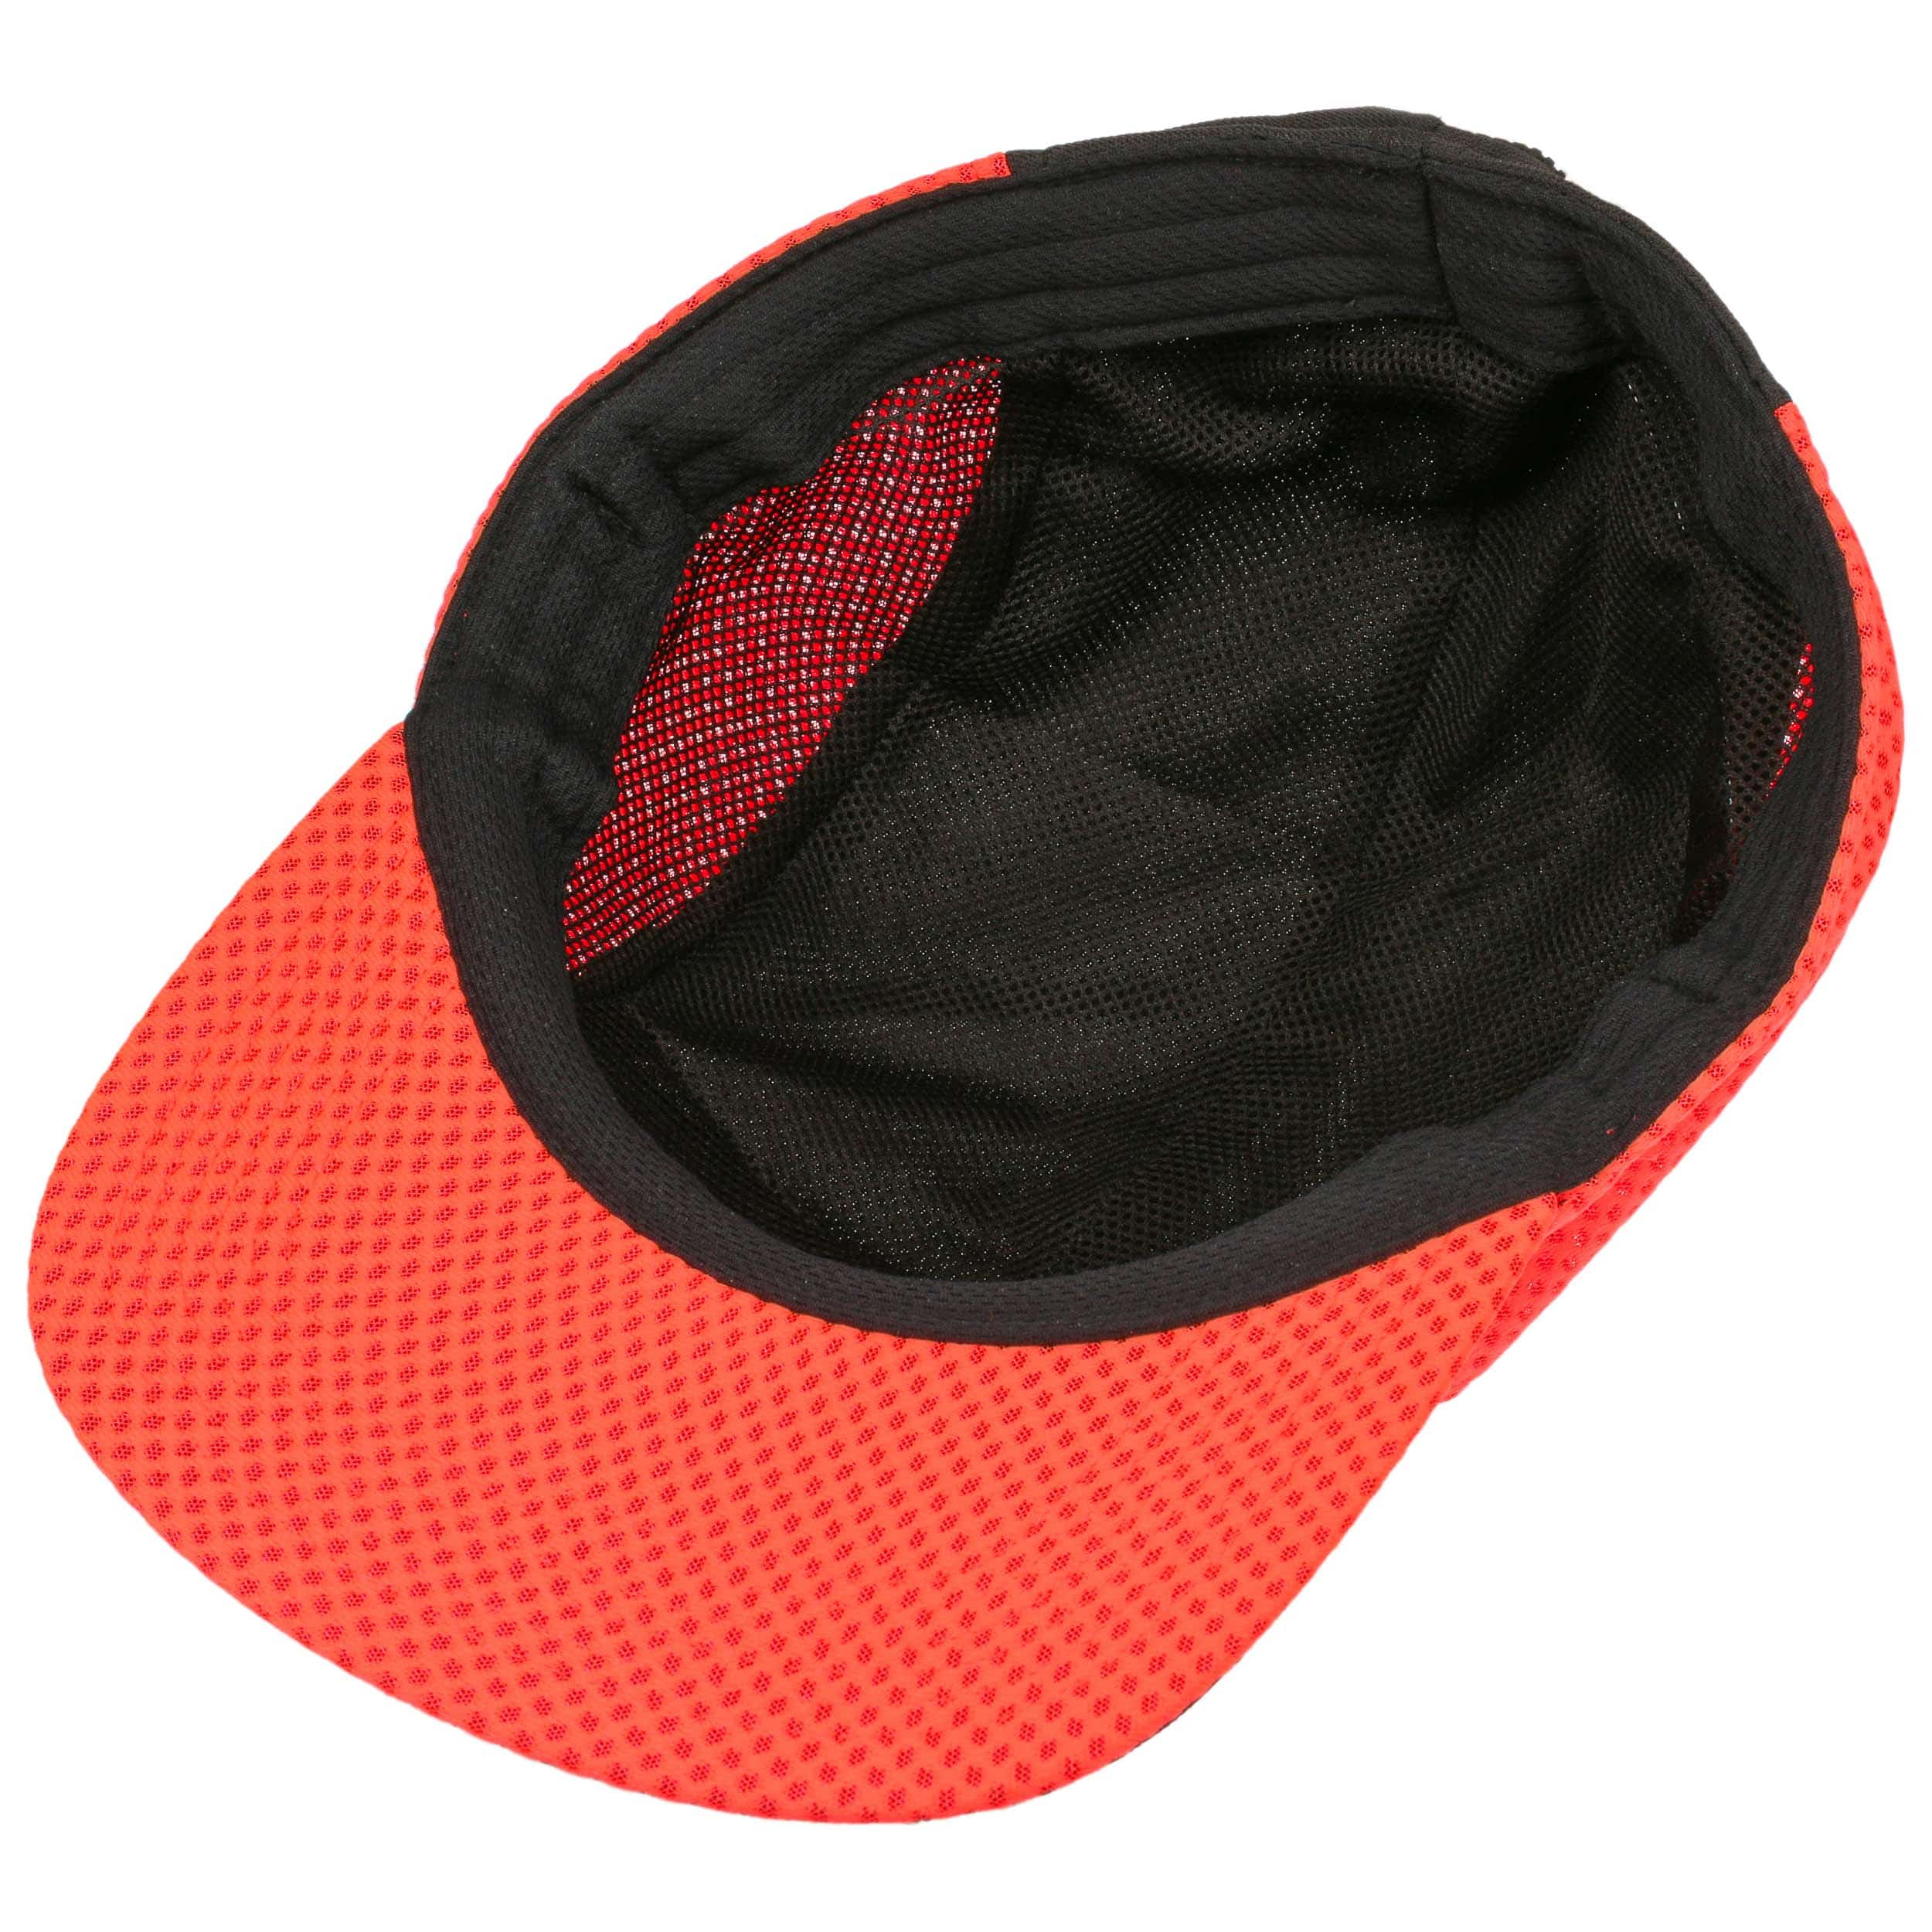 ... Disc-Fit Runner Cap by PUMA - black-red 2 ... 1eb7912f1e8